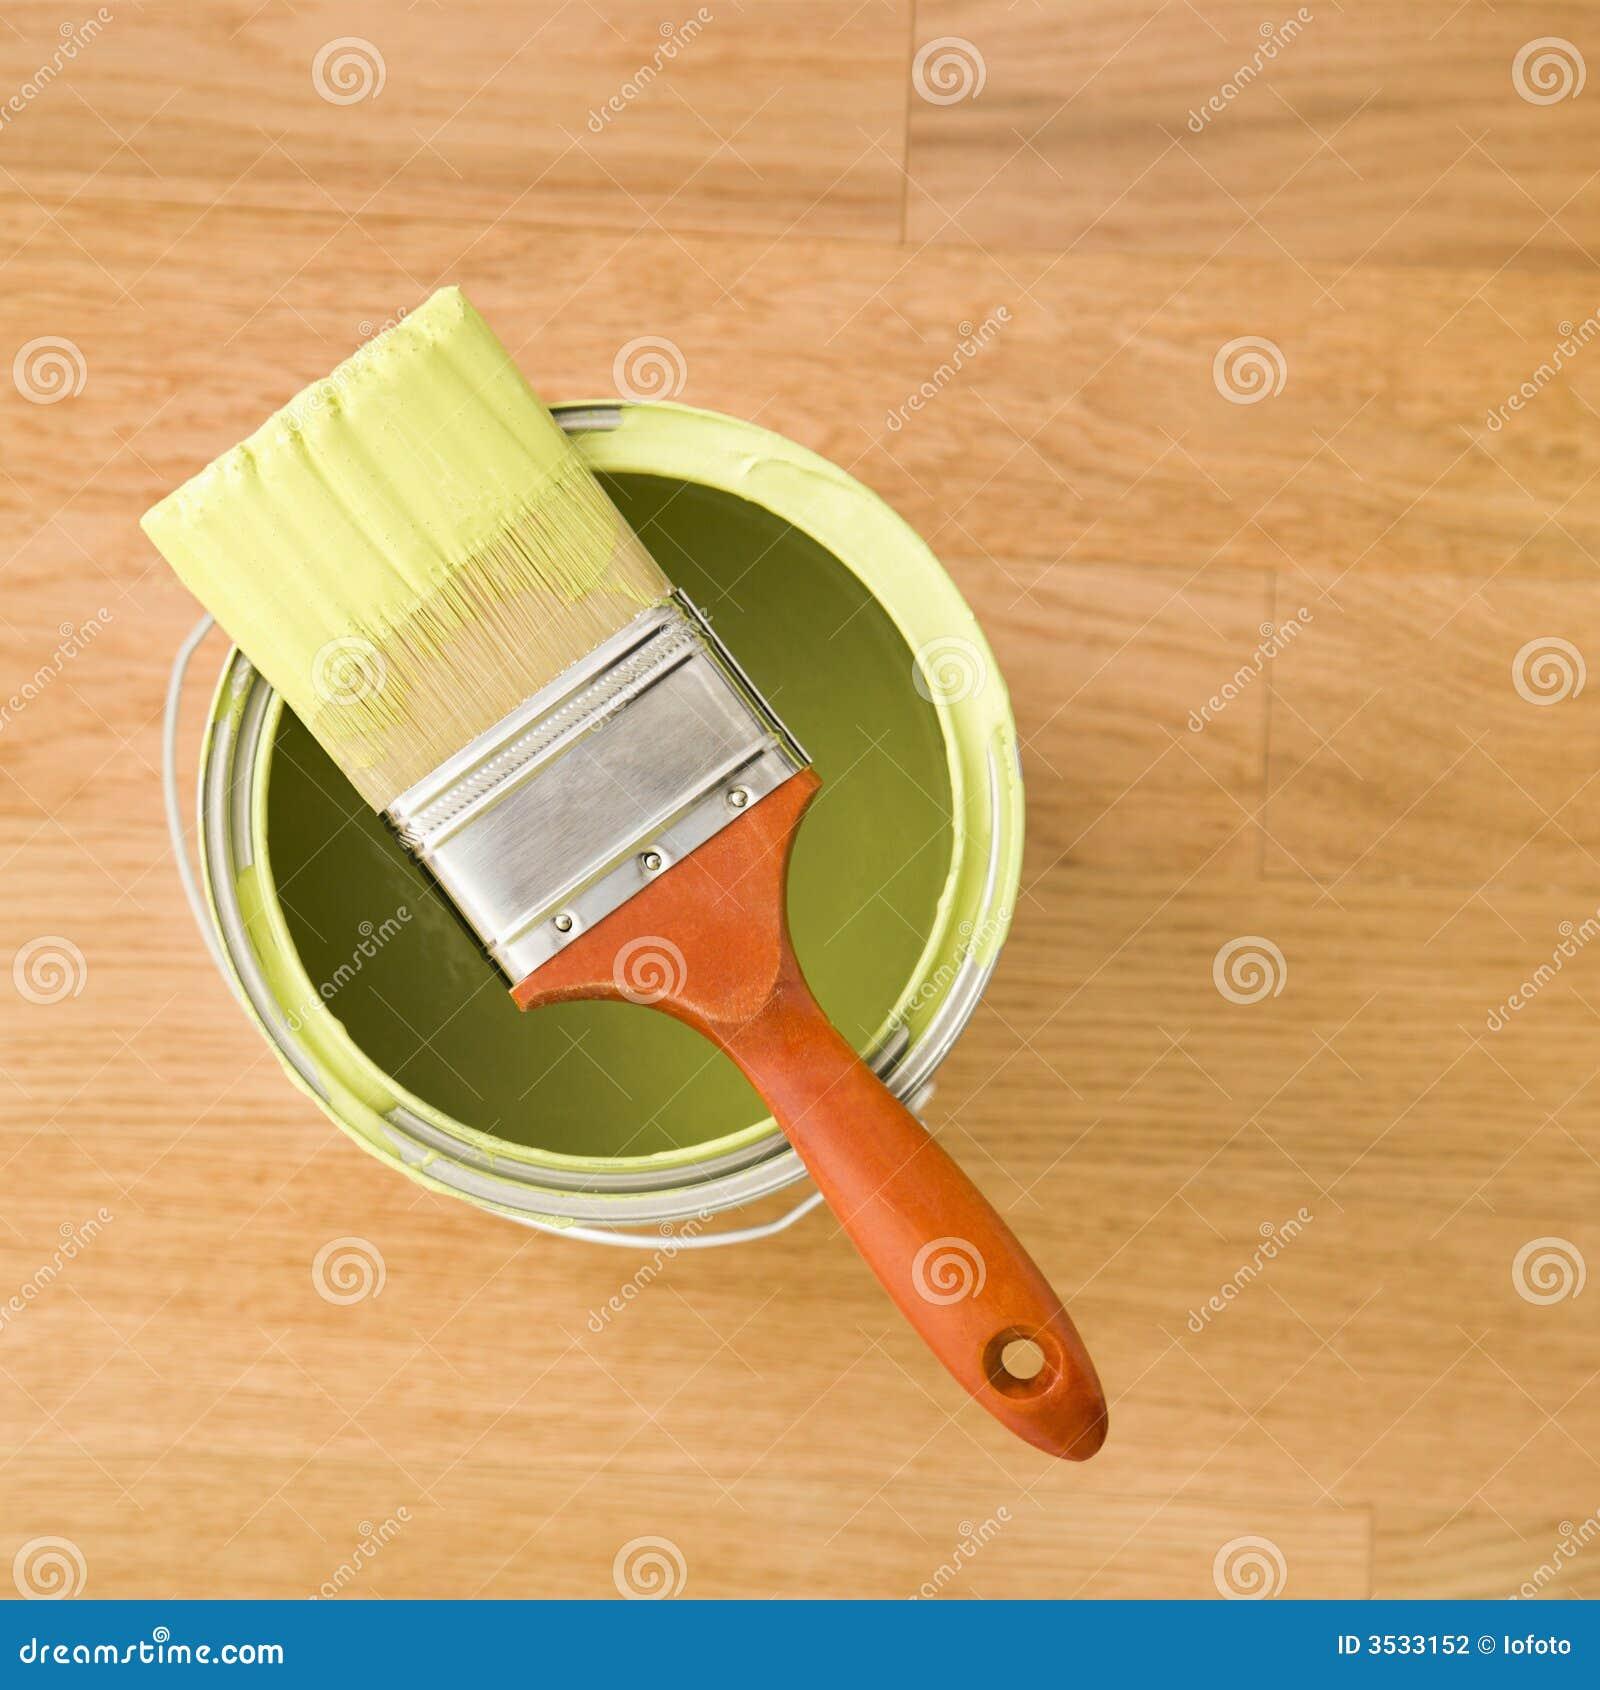 Kan paintbrushen